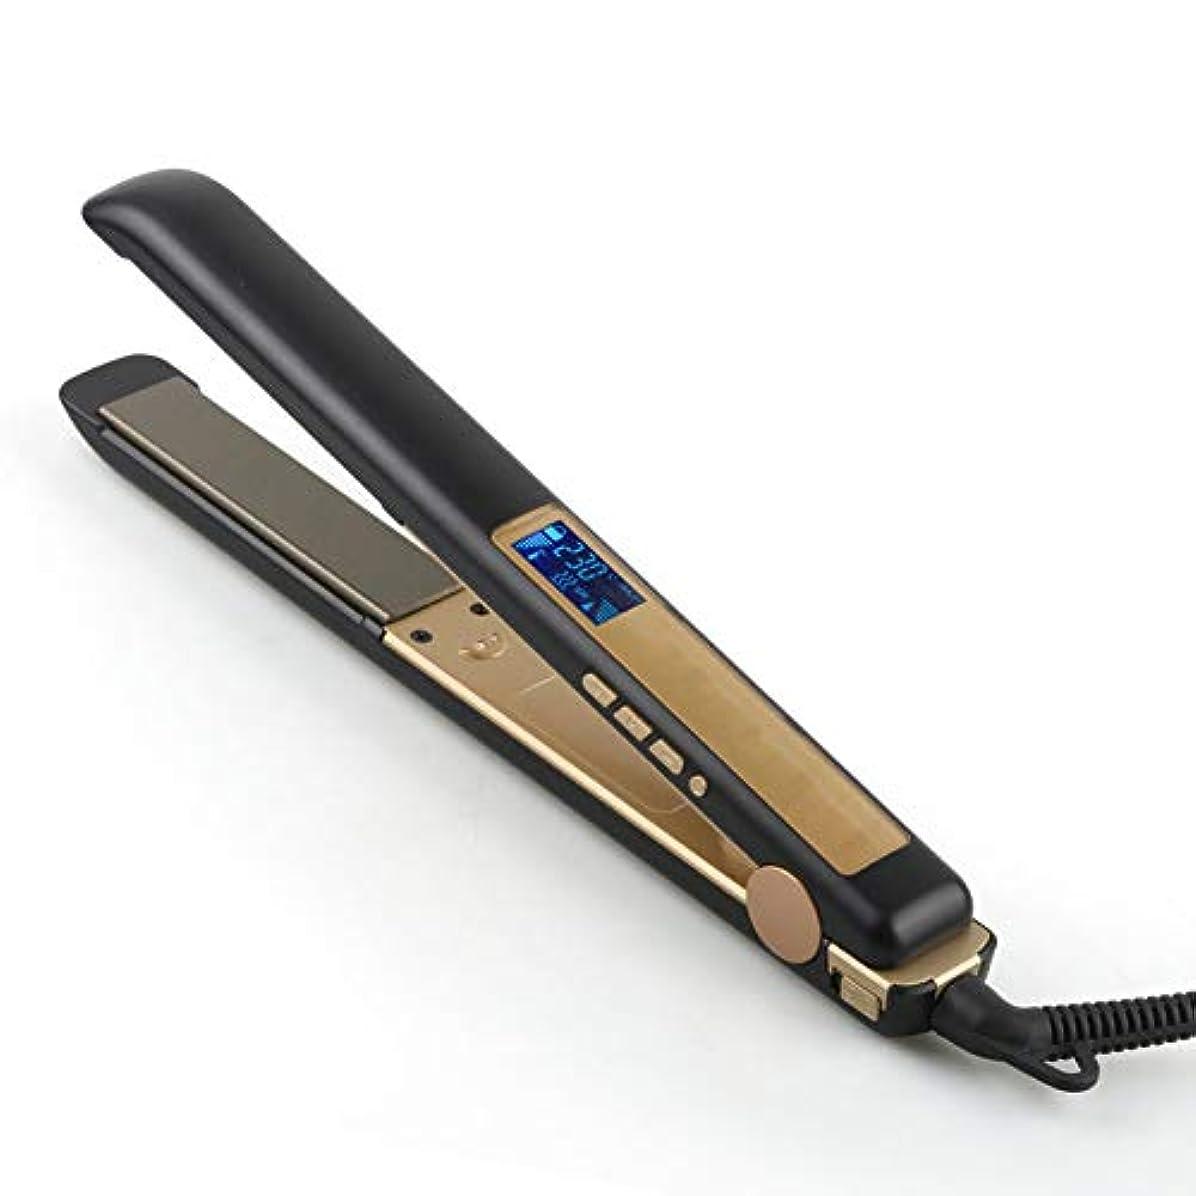 クリープアレンジあなたのものデジタルディスプレイセラミックヘアストレートナー温度はLEDディスプレイで調整可能ヘアケアは赤黒ピンクスプリントをスタイリングするショッピングデートの髪を傷つけません (Color : ブラック)